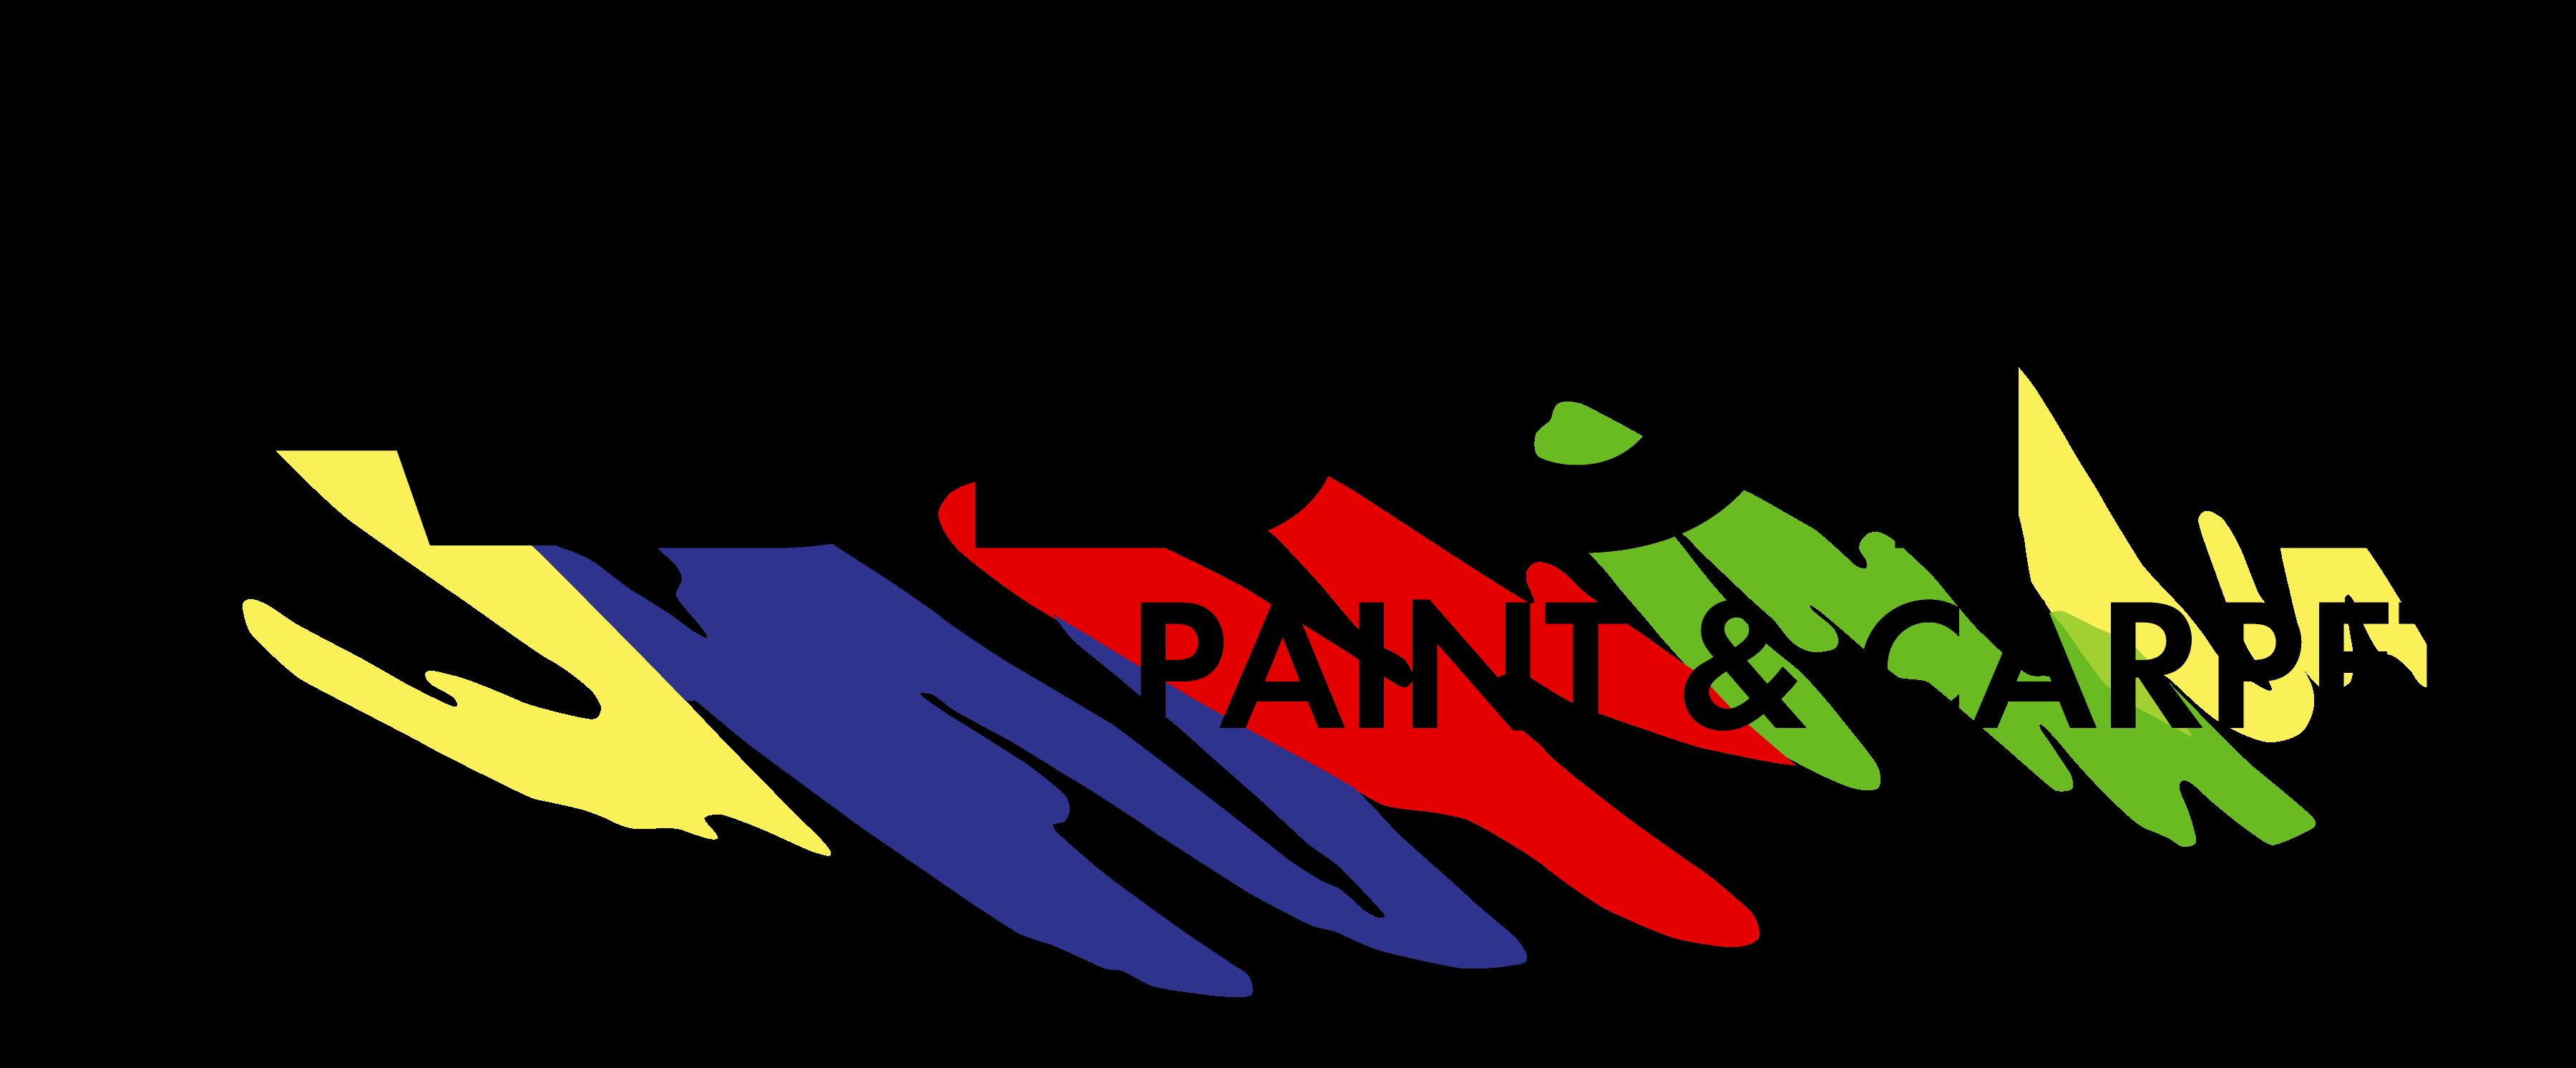 About Abbott Paint & Carpet: